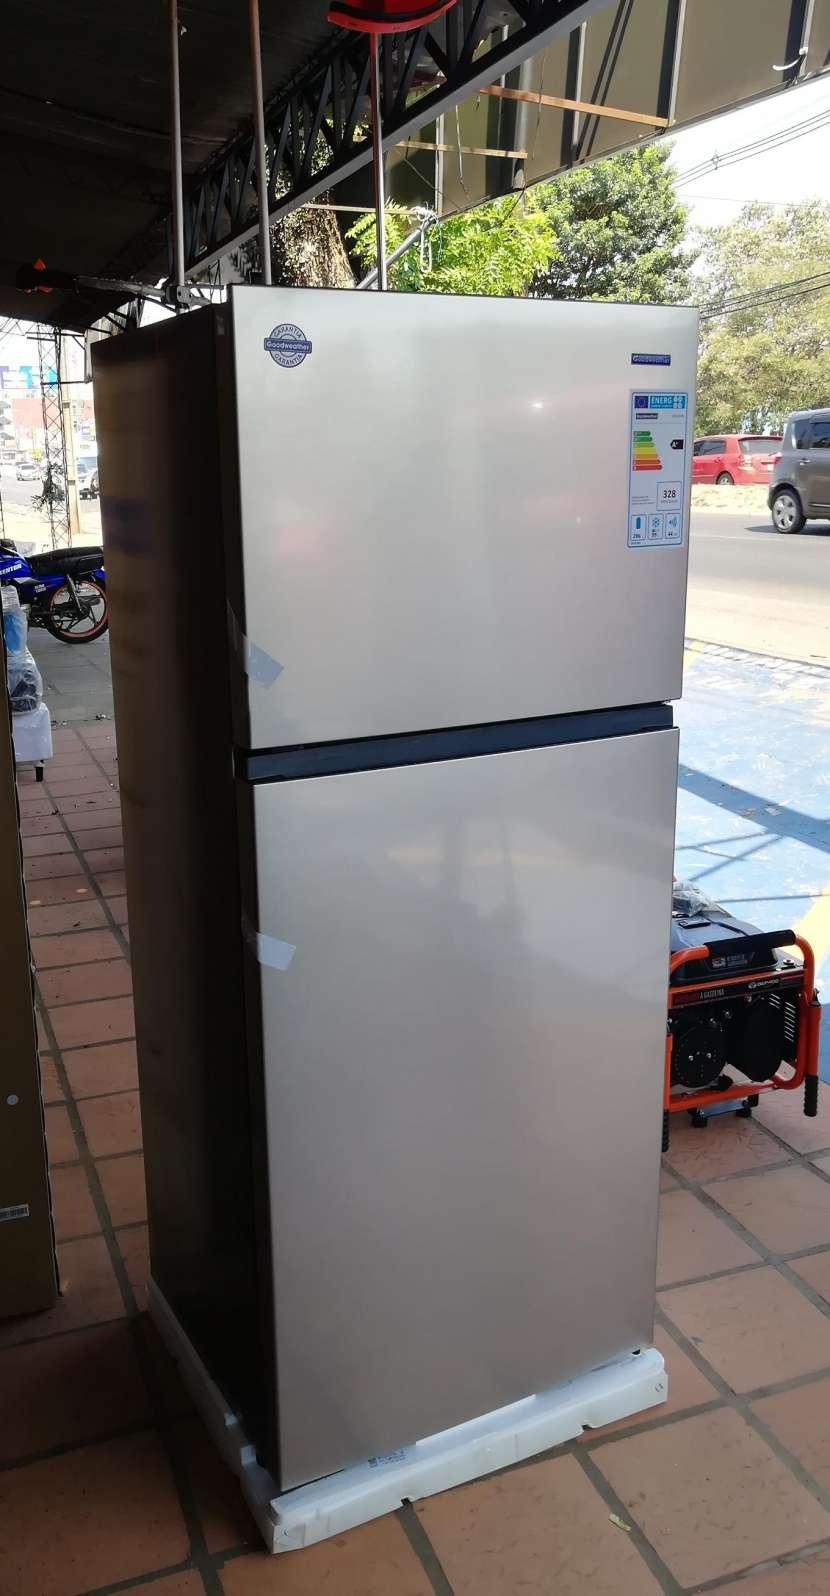 Heladera goodweather 490 litros comercial inox frio seco - 0